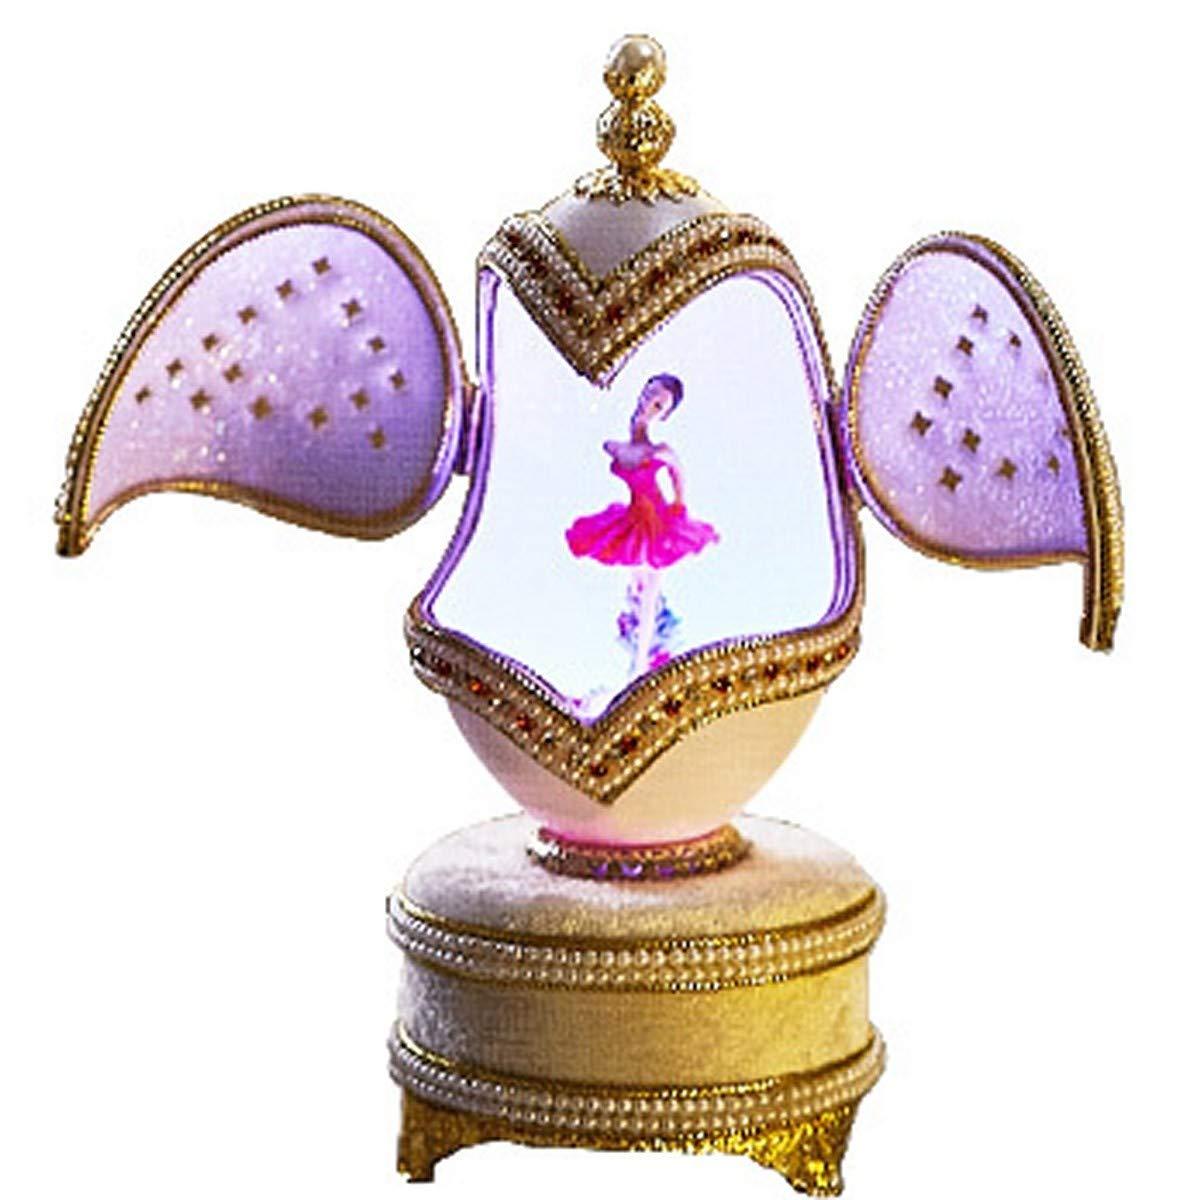 MENGYANLI Balletto Ragazza Danza Uovo Intaglio Carillon Music Box Creativo invia fidanzate Fidanzata Femminile childr